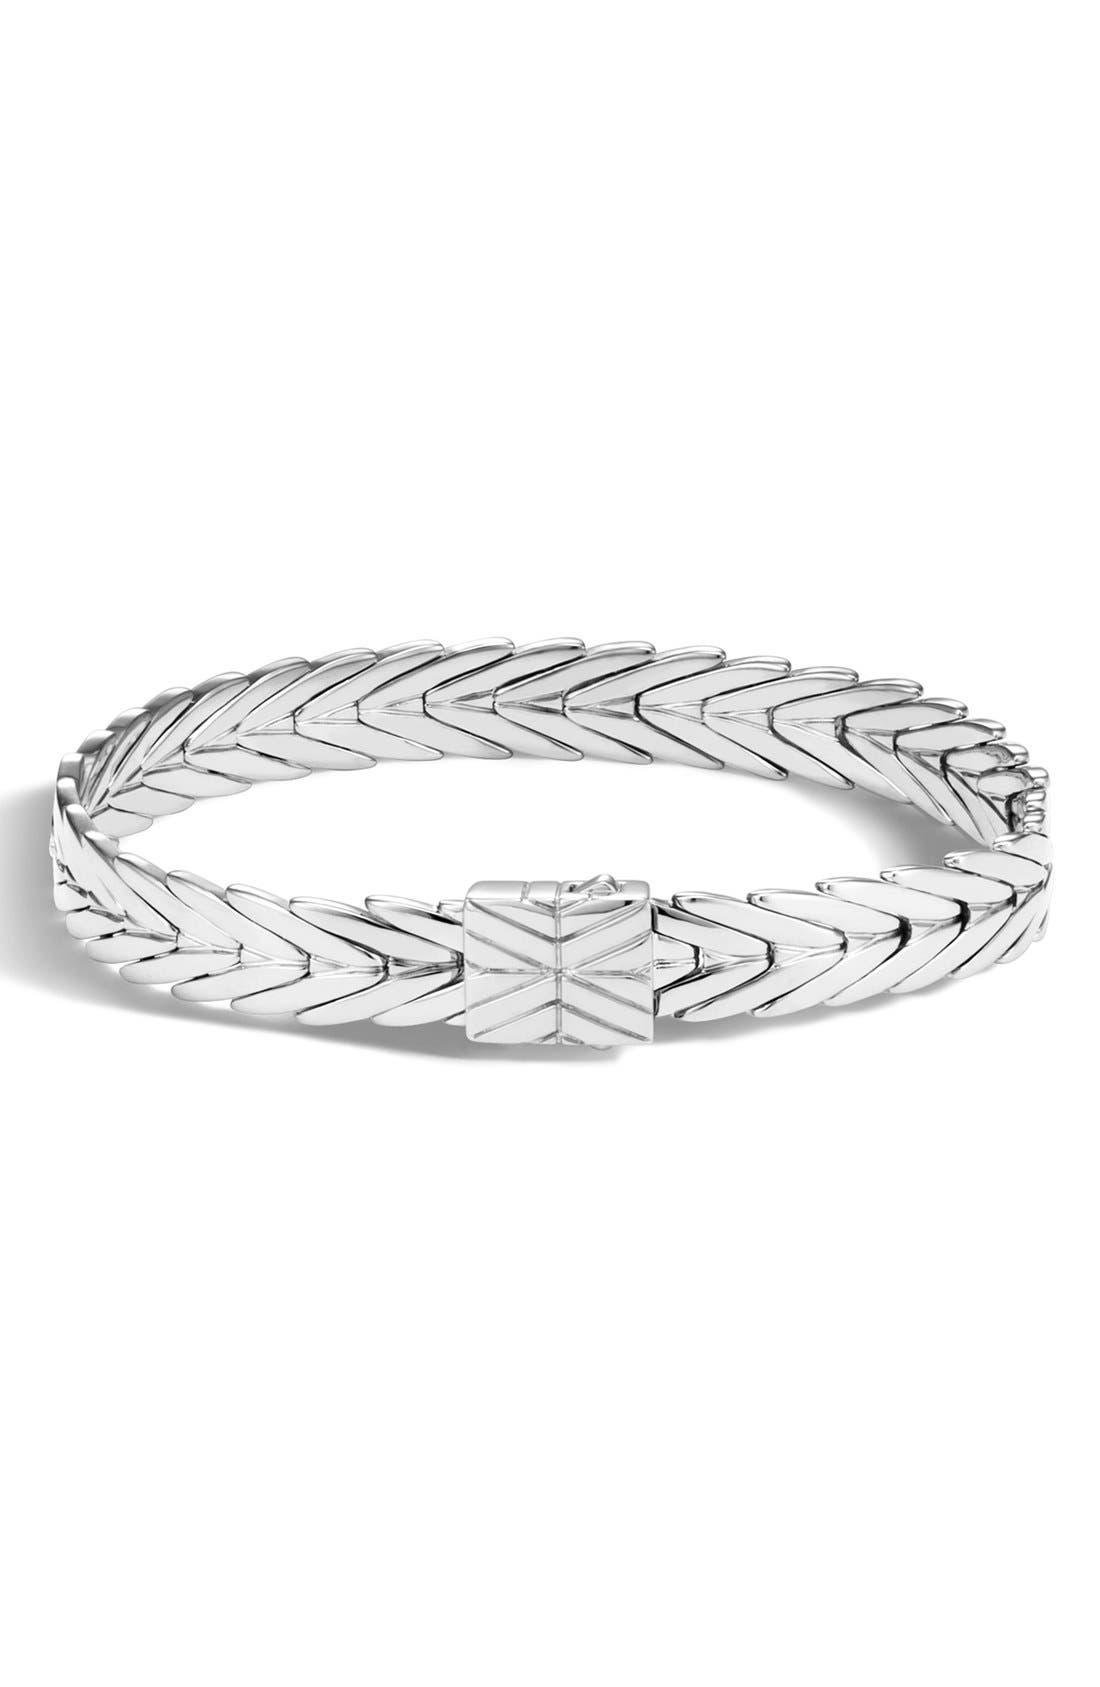 Alternate Image 1 Selected - John Hardy Modern Chain 8mm Bracelet